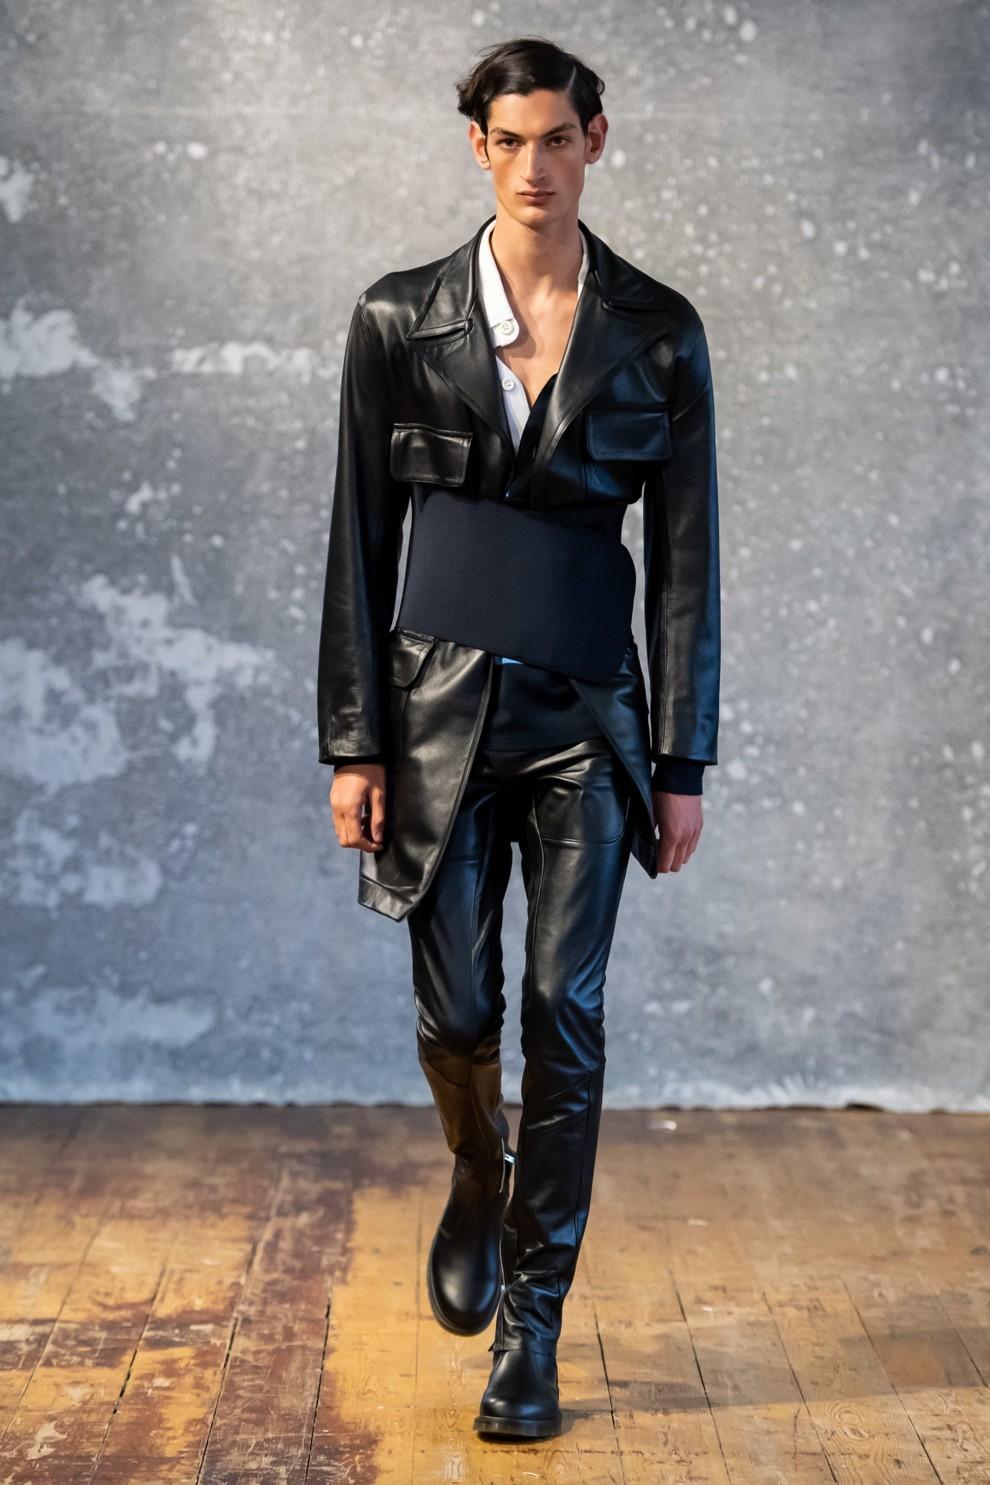 e590cfdb10f Мужская мода  главные тренды сезона осень-зима 2019 2020